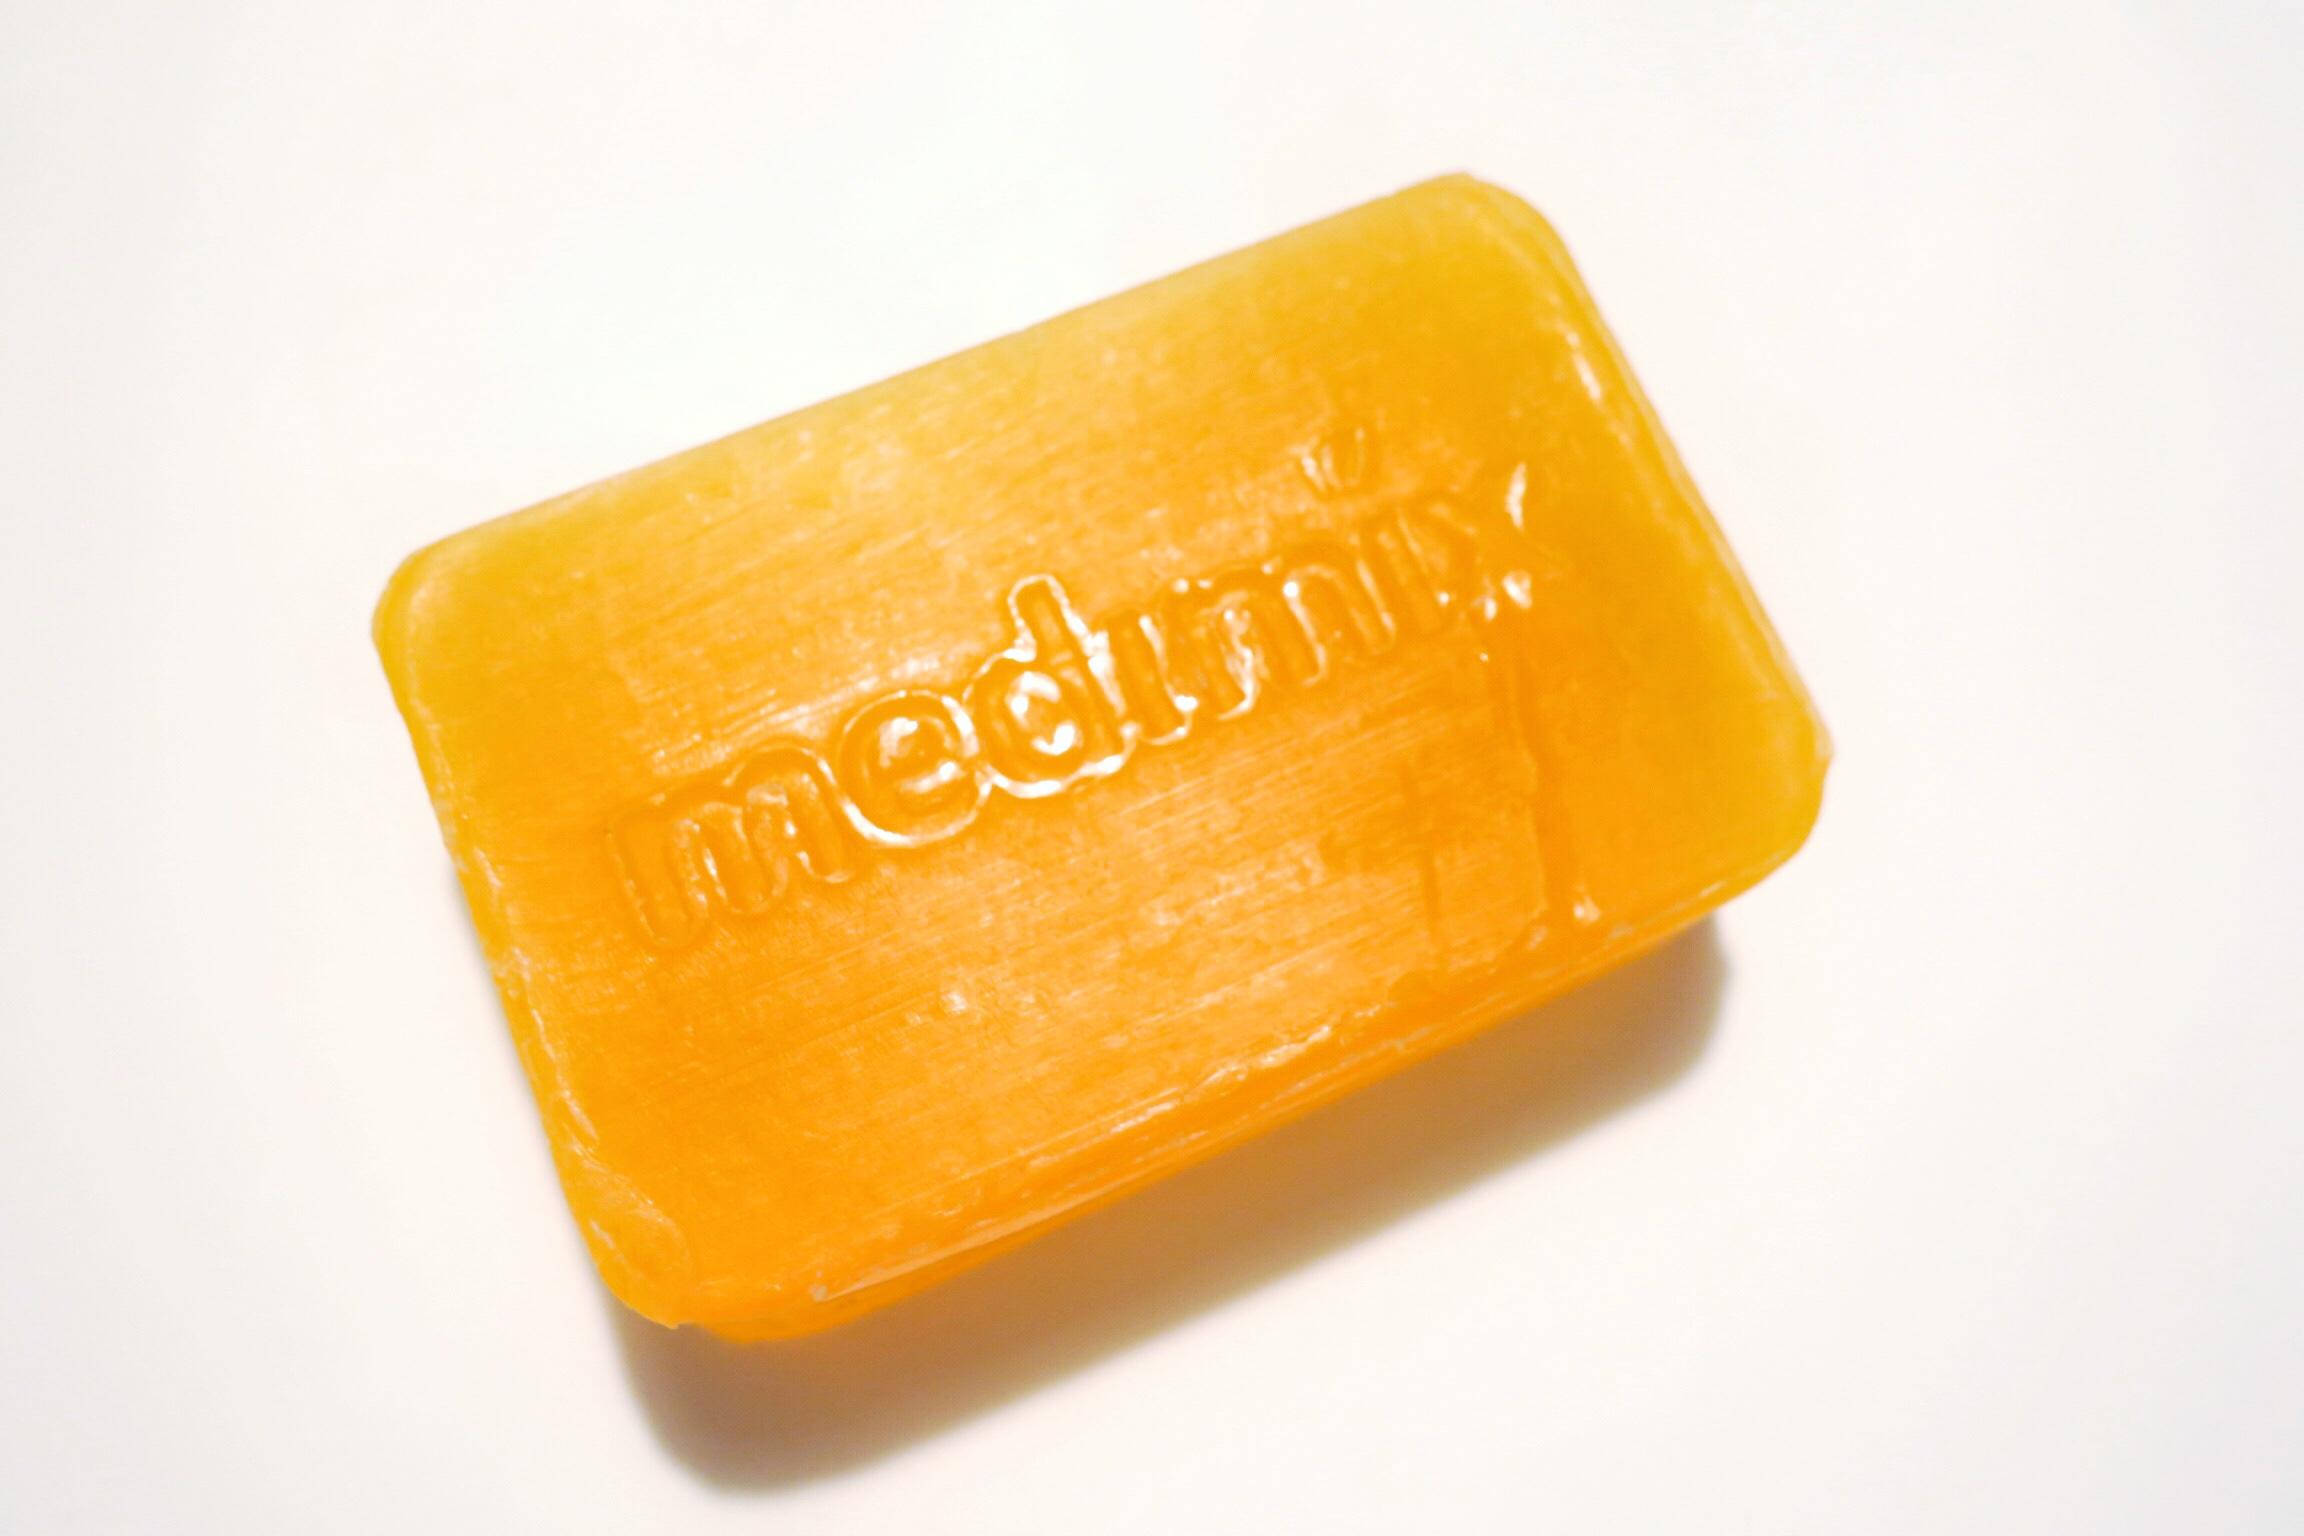 medimix Sandal Soap メディミックスサンダルソープ